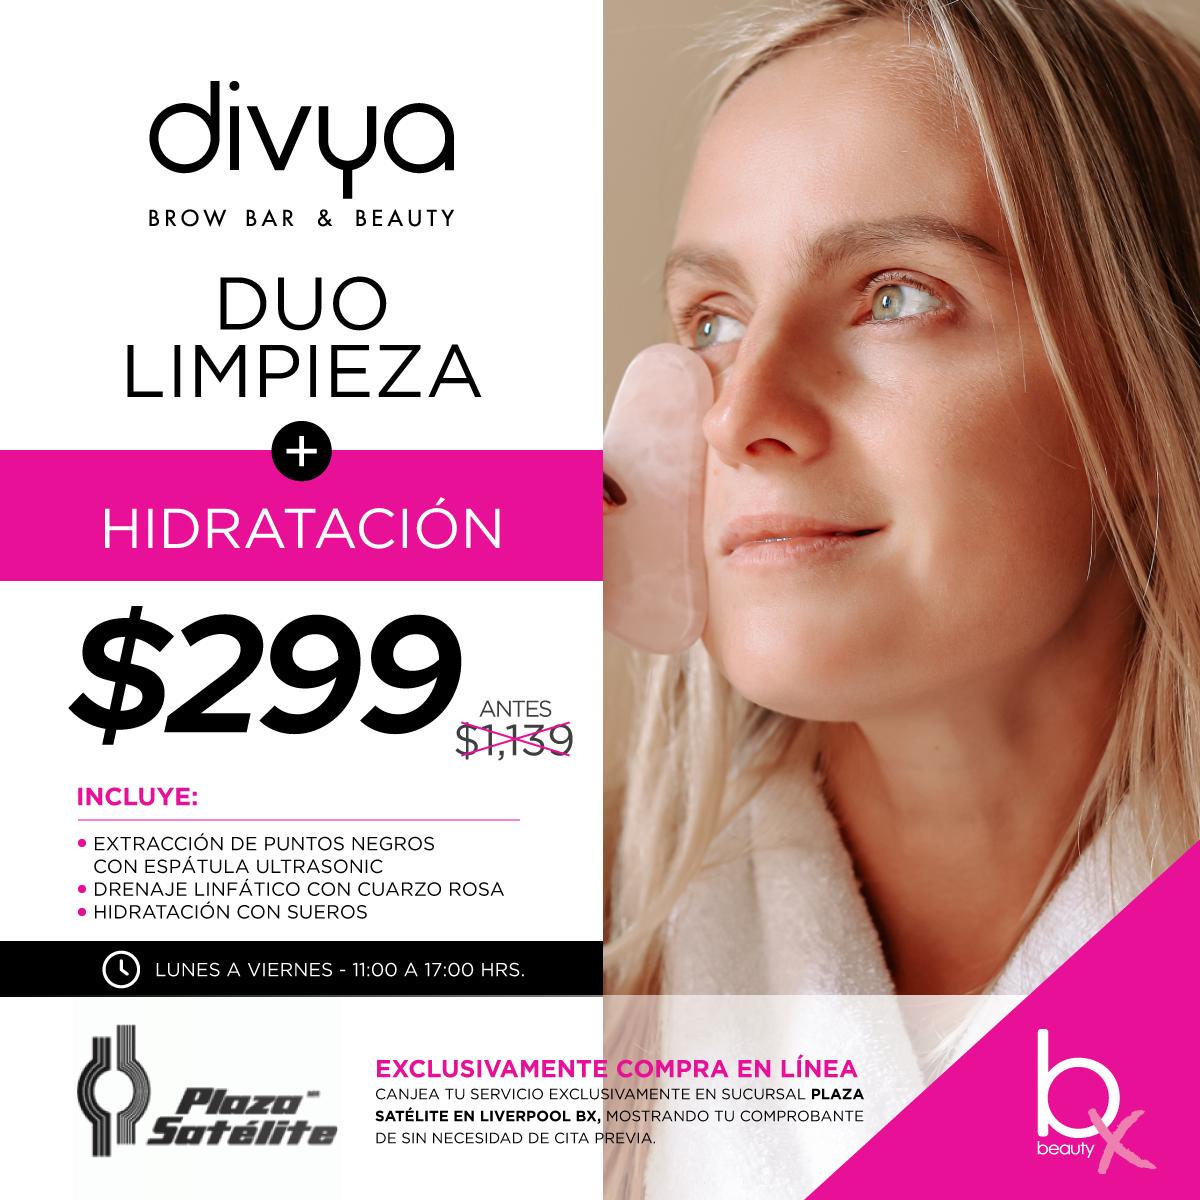 Facial Duo Limpieza + Hidratación- SÓLO LIVERPOOL BX PLAZA SATÉLITE&w=900&h=900&fit=crop